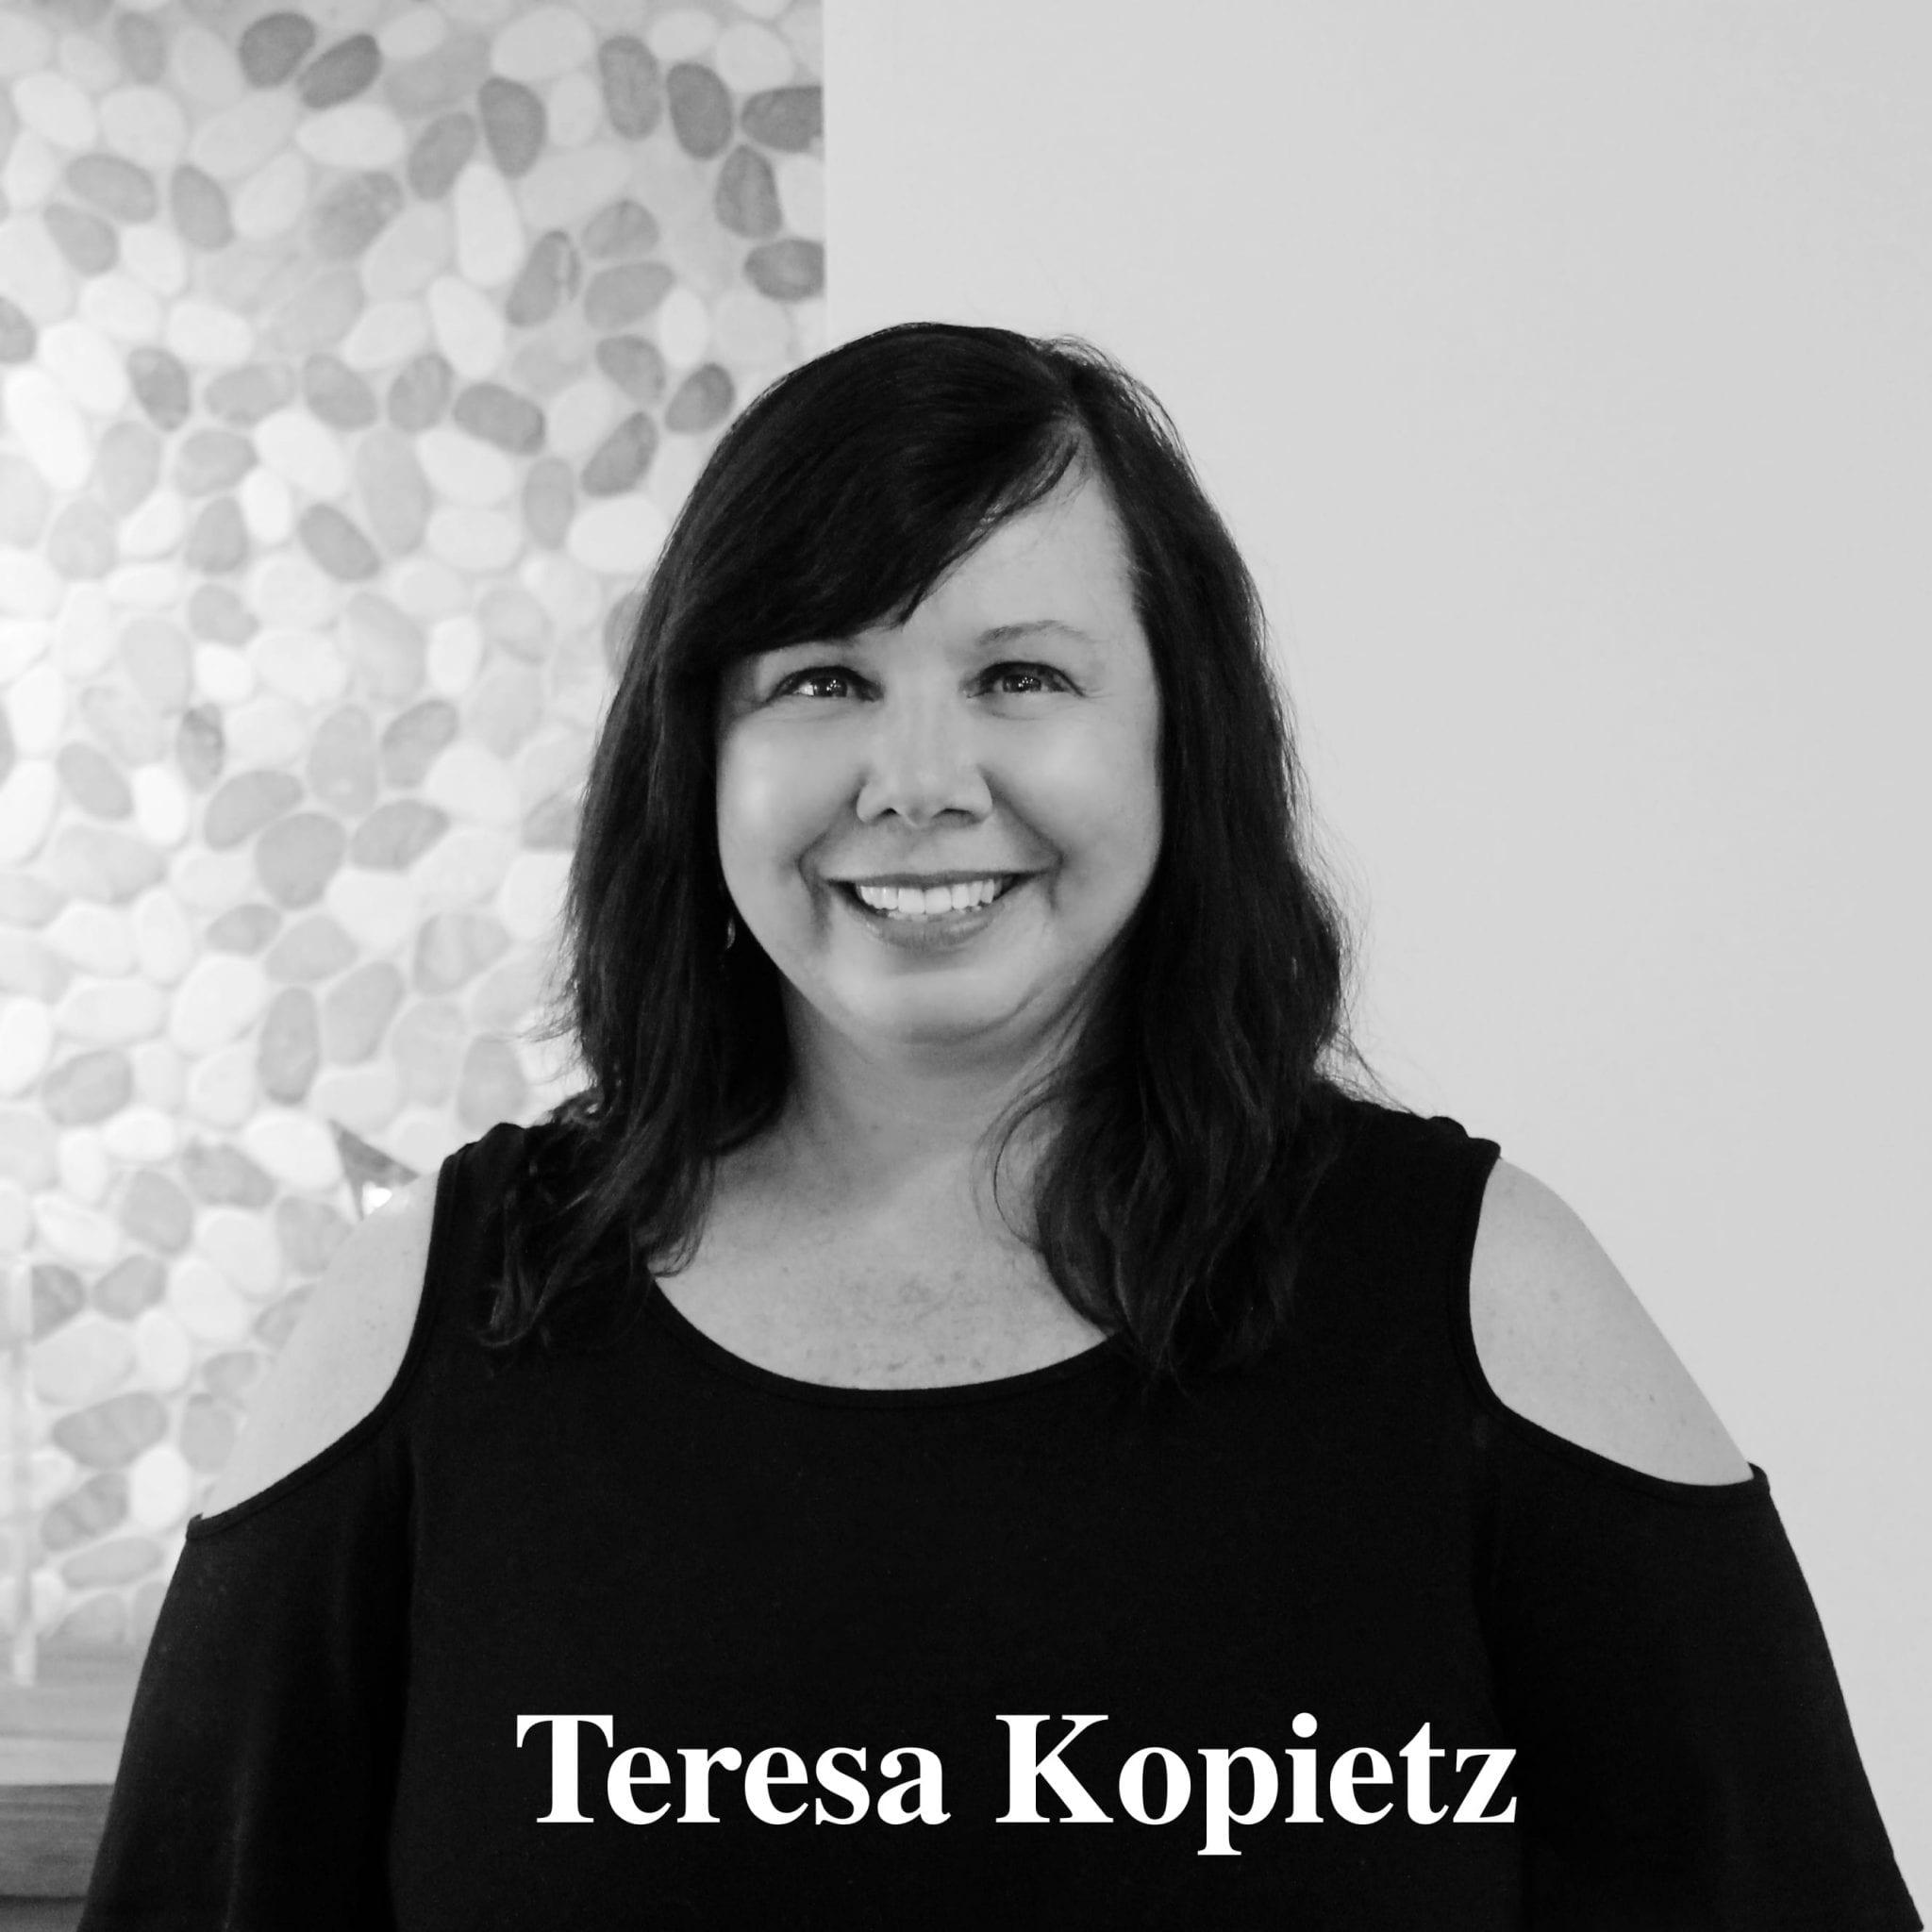 Teresa kopietz